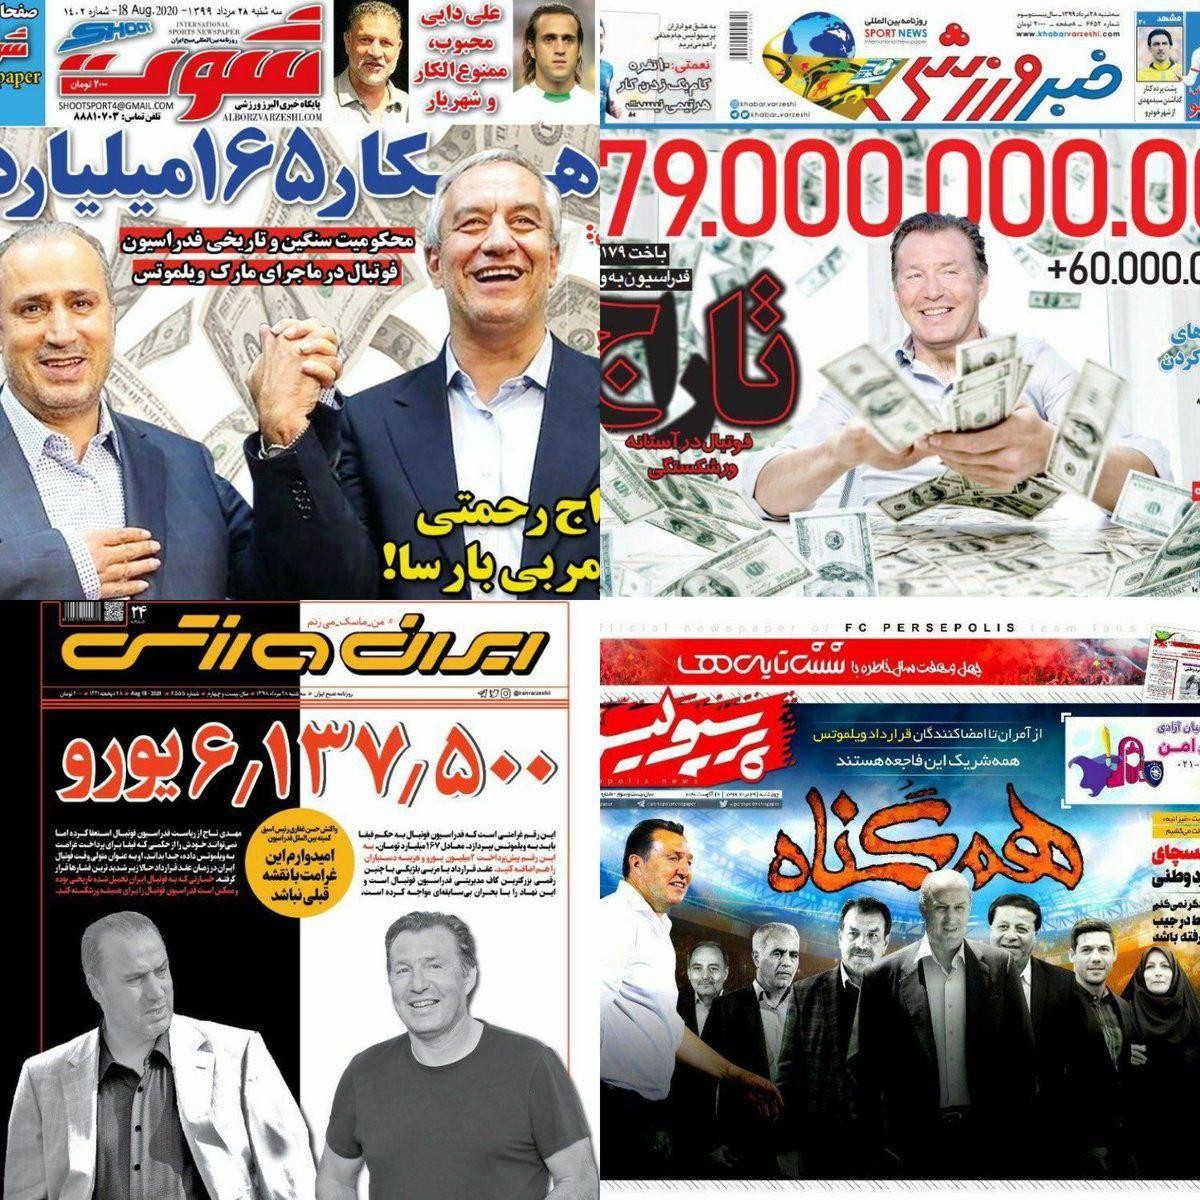 شناسایی مافیای رسانه ای که سپر بلای سلطانی فر شده اند + عکس